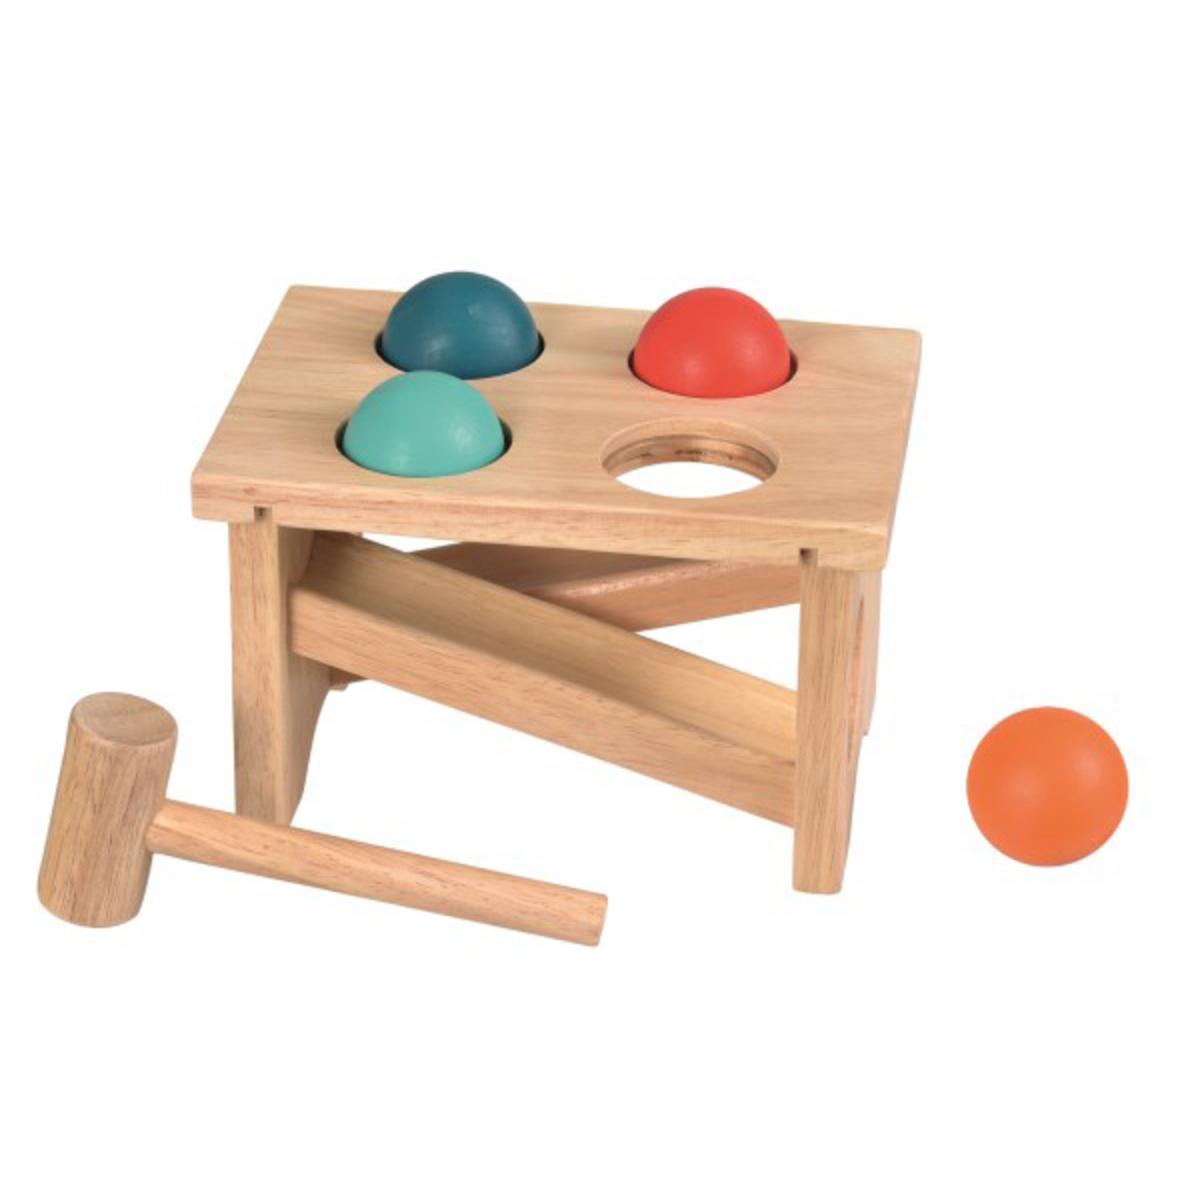 Mes premiers jouets Jeu de Marteau avec Balles Jeu de Marteau avec Balles